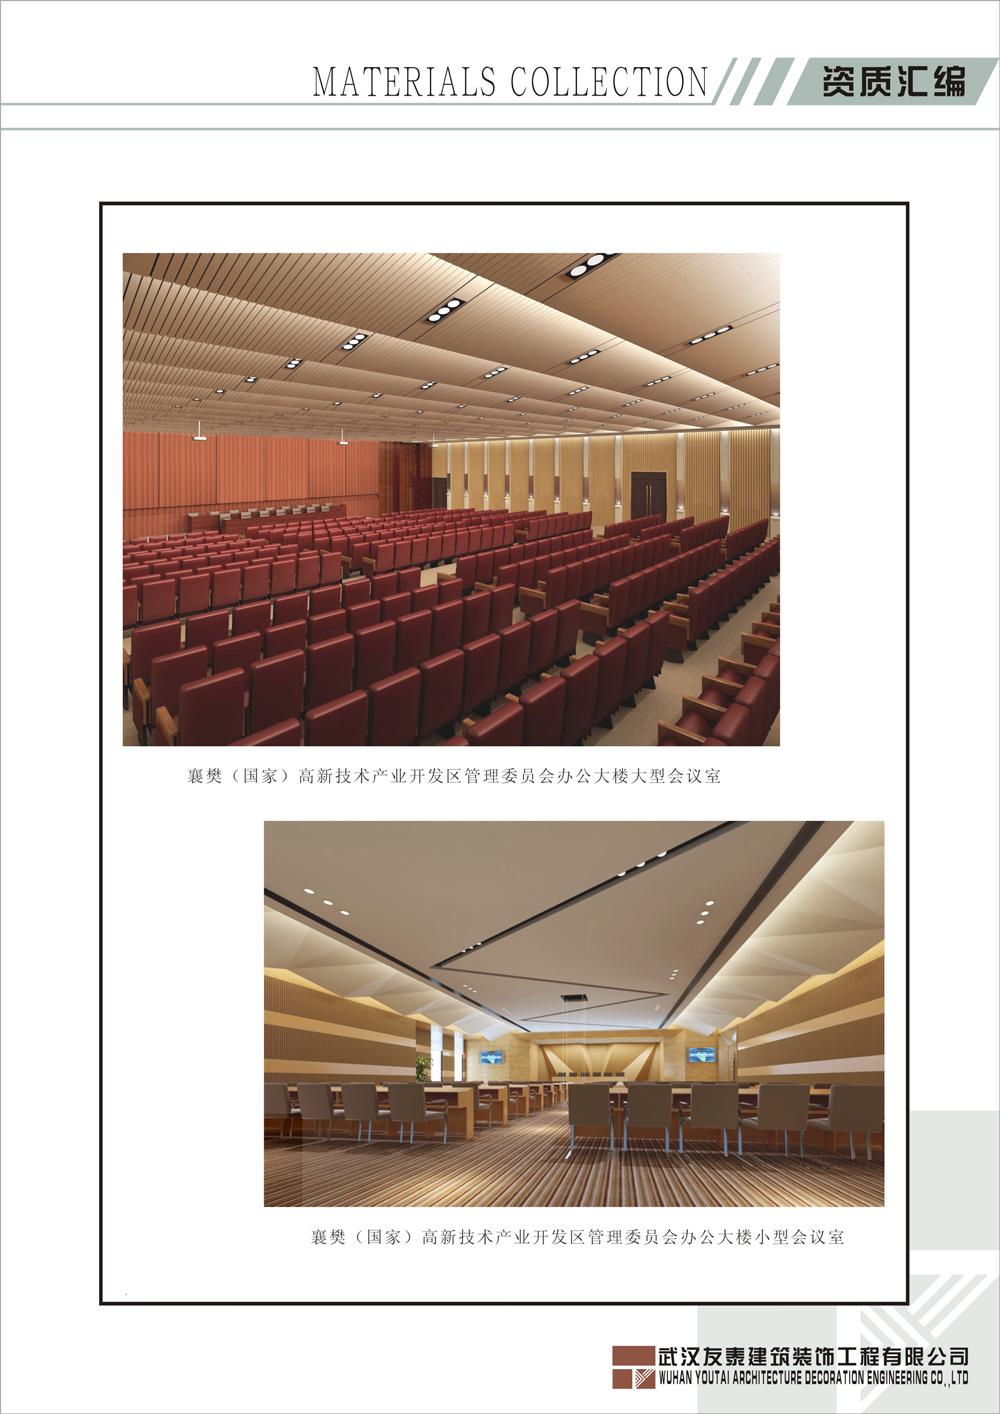 襄樊(國家)高新技術產業開發區管理委員會辦公大樓